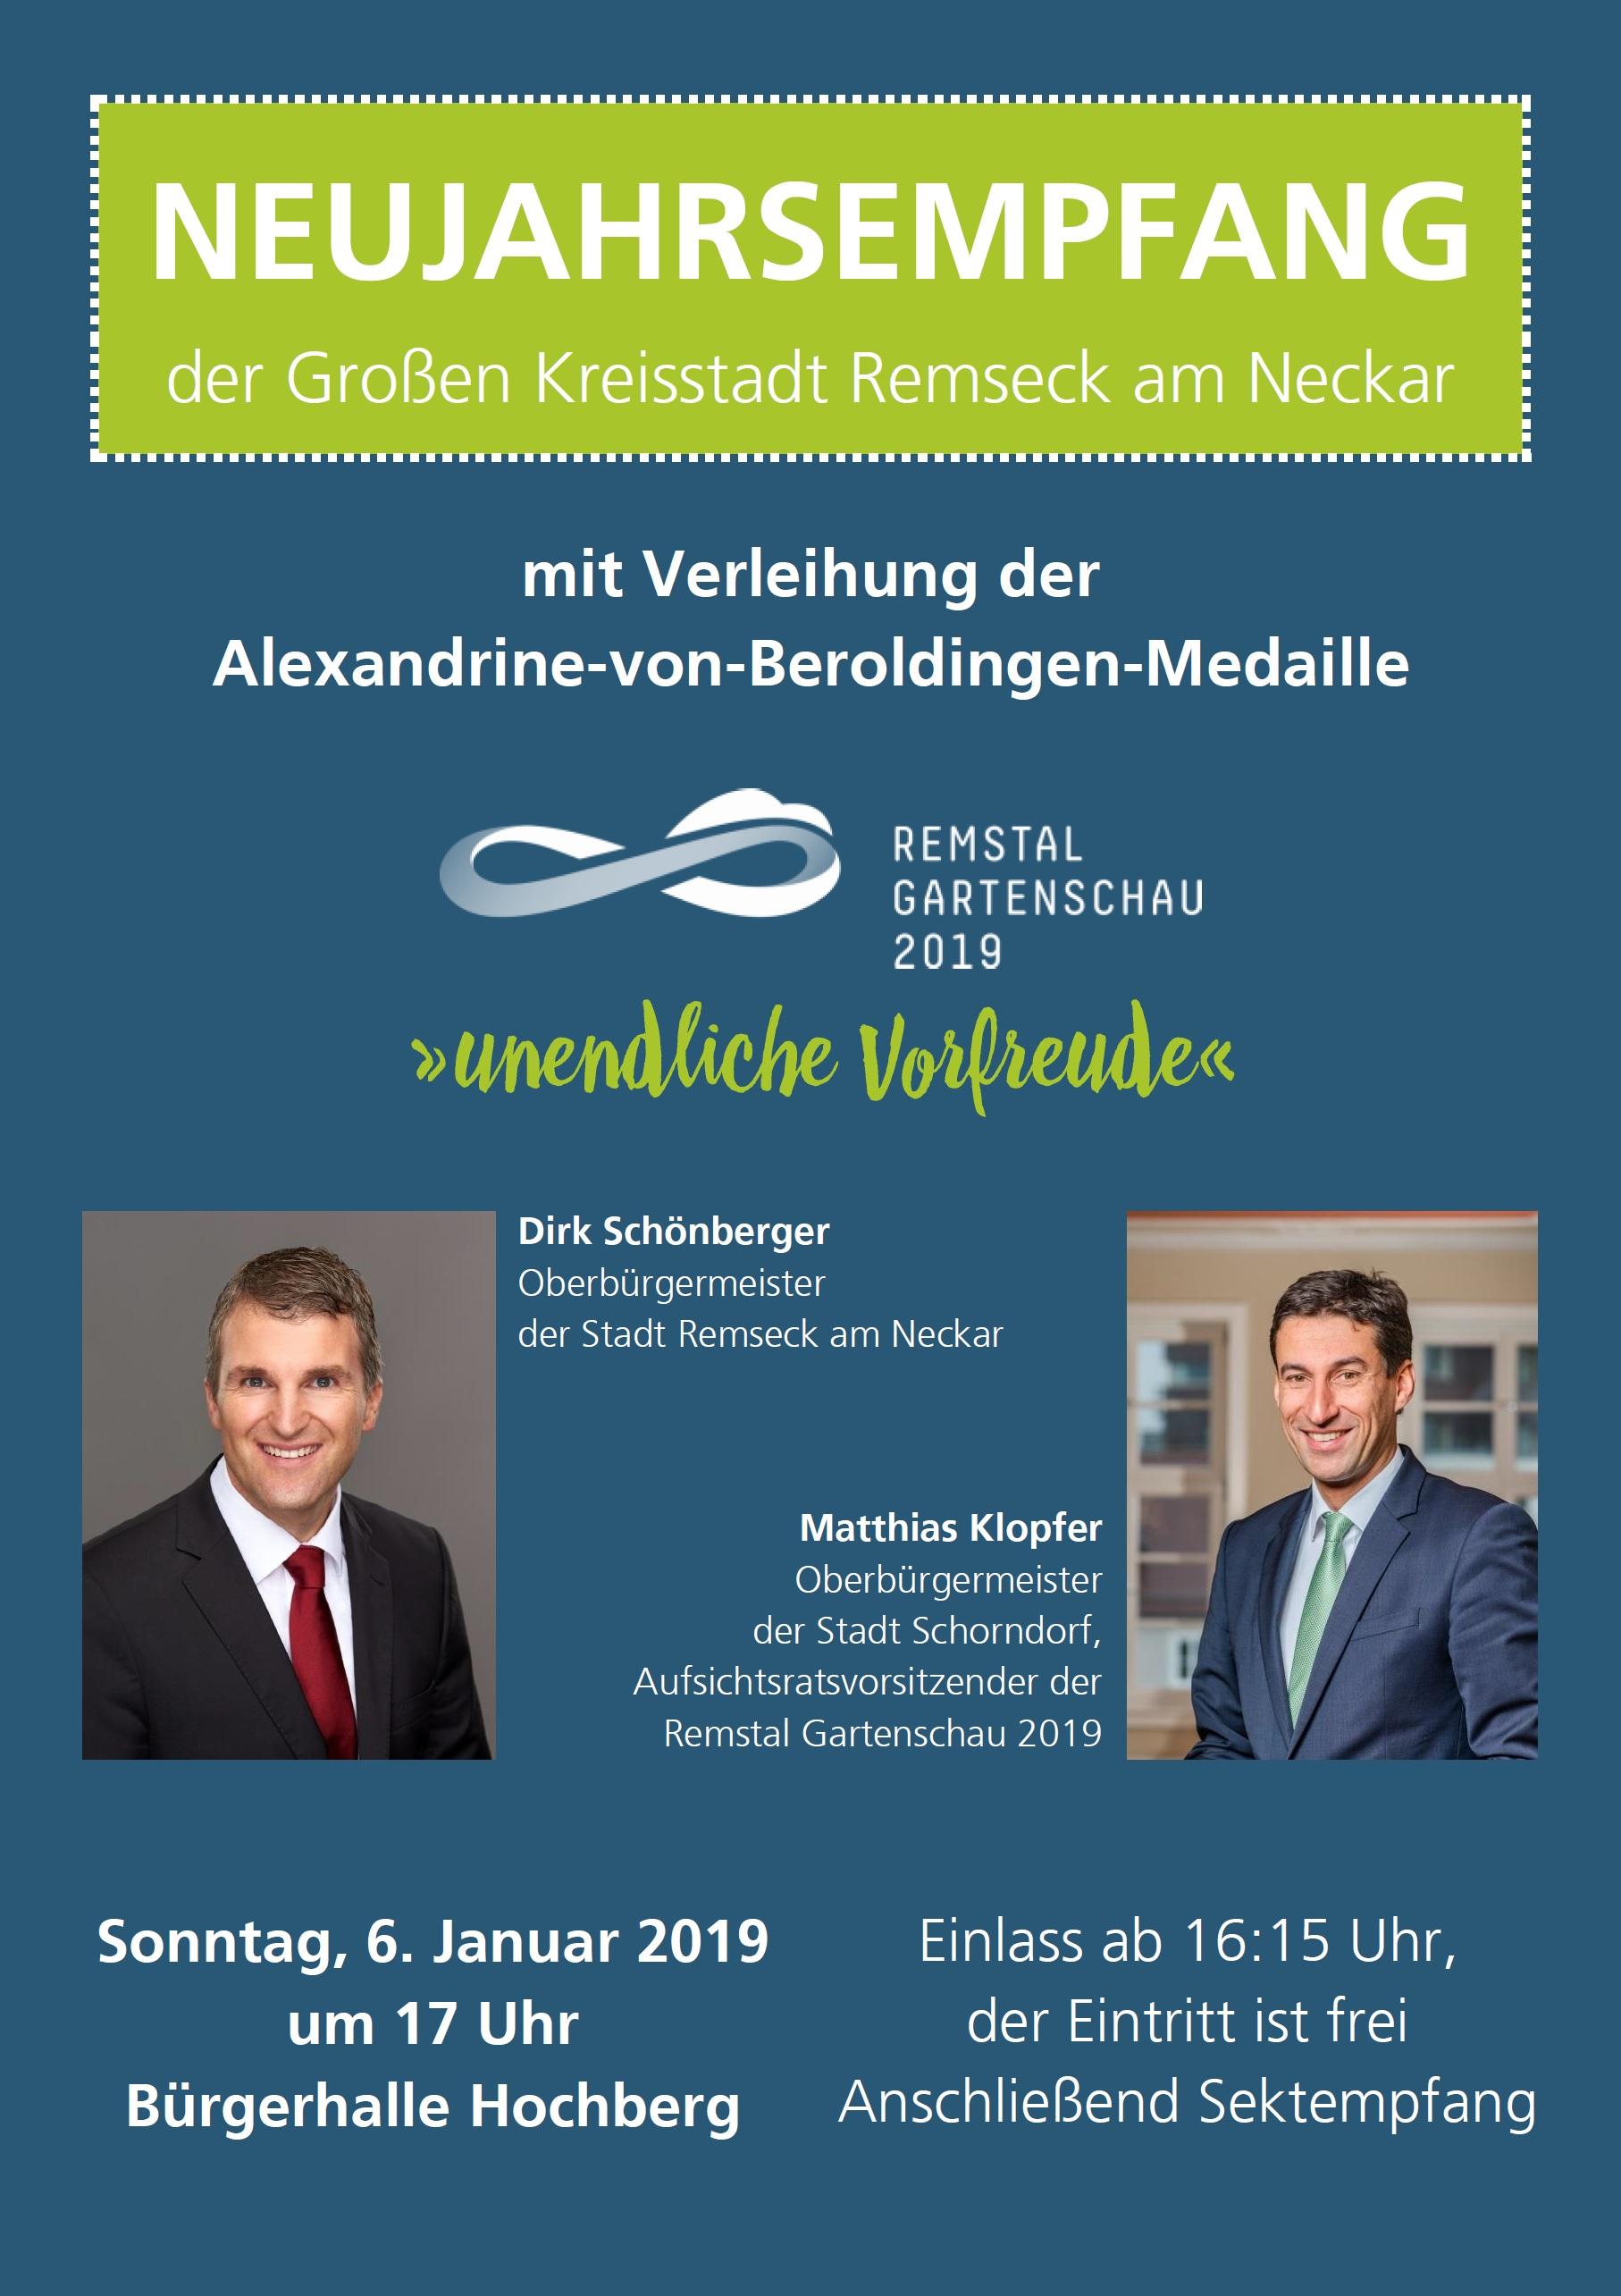 Neujahrsempfang 2019 - Stadt Remseck am Neckar